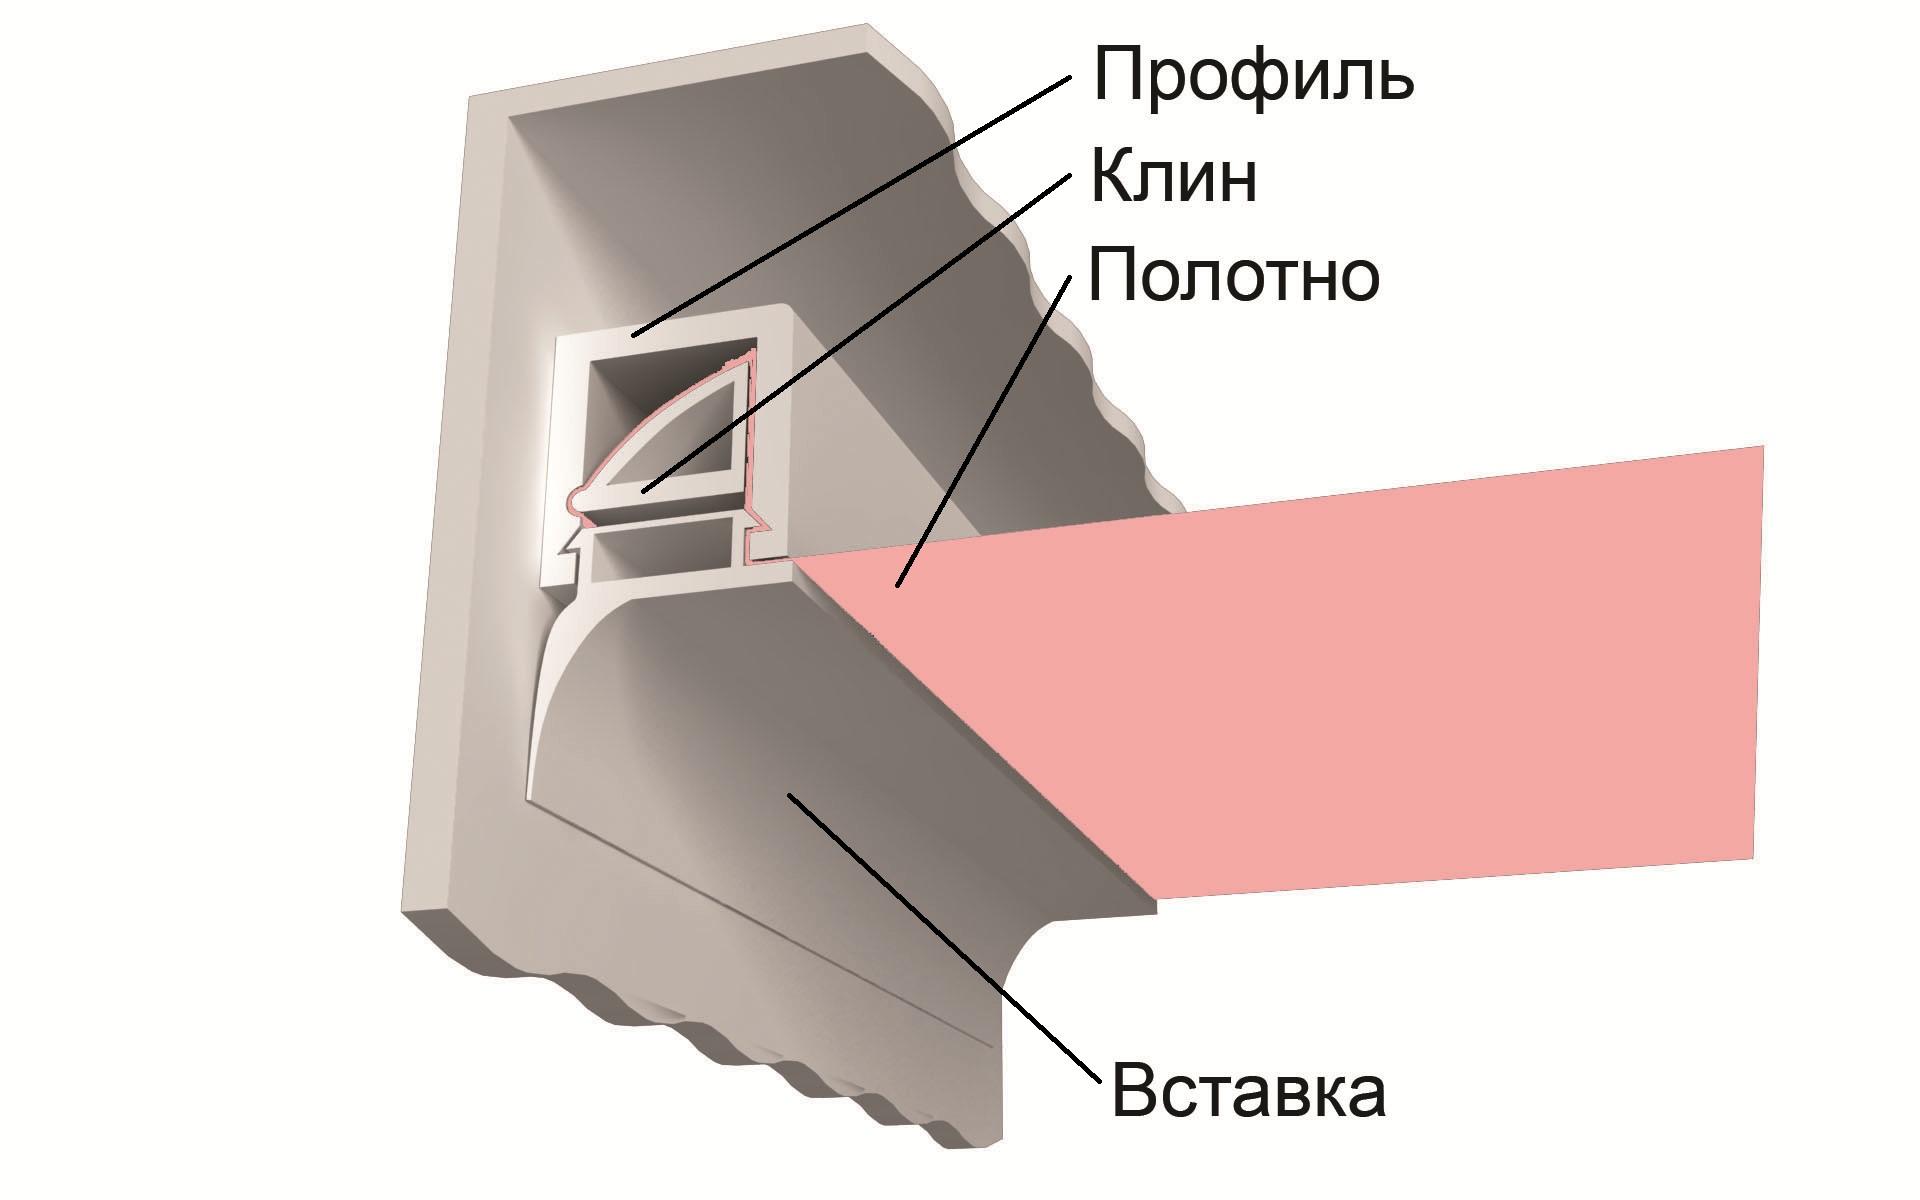 Построение выкройки по методу любакс